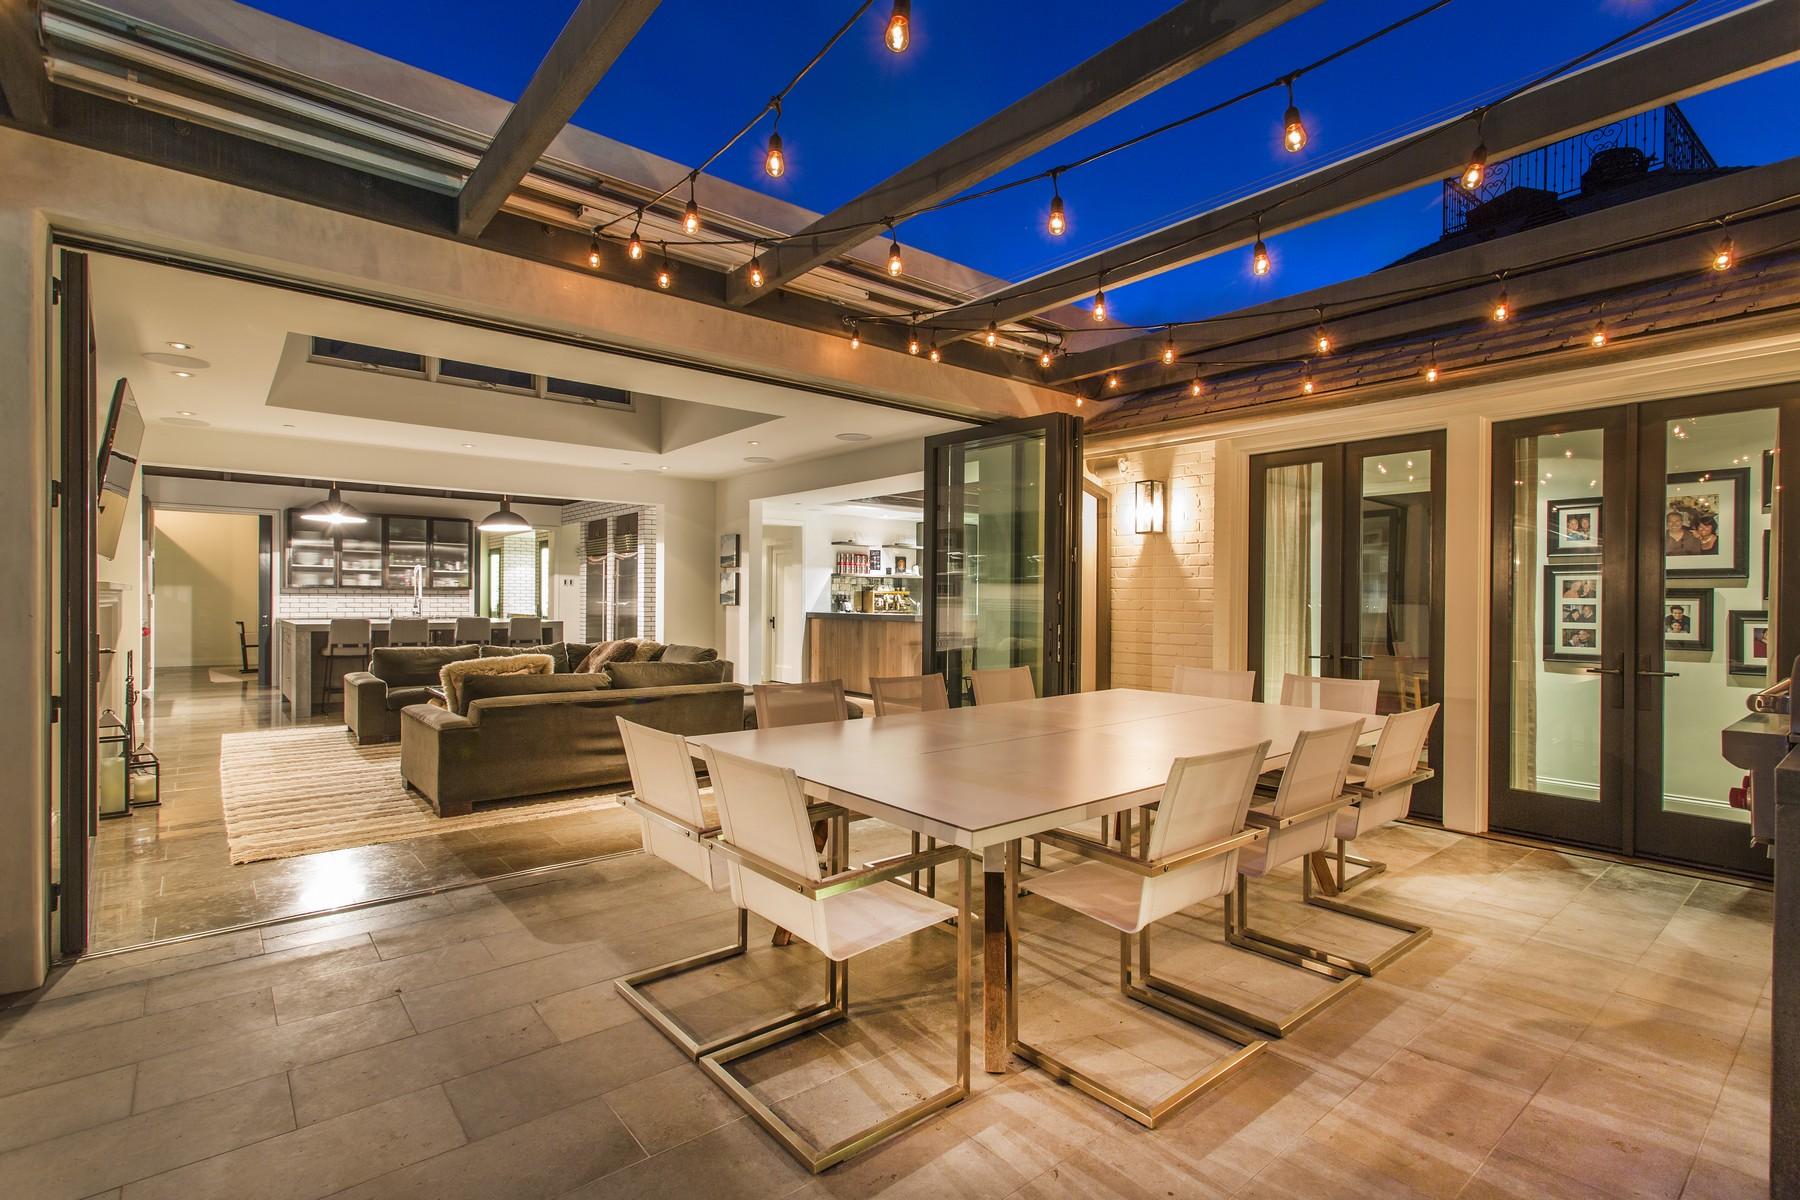 独户住宅 为 销售 在 6121 Vista De La Mesa 拉荷亚, 加利福尼亚州, 92037 美国